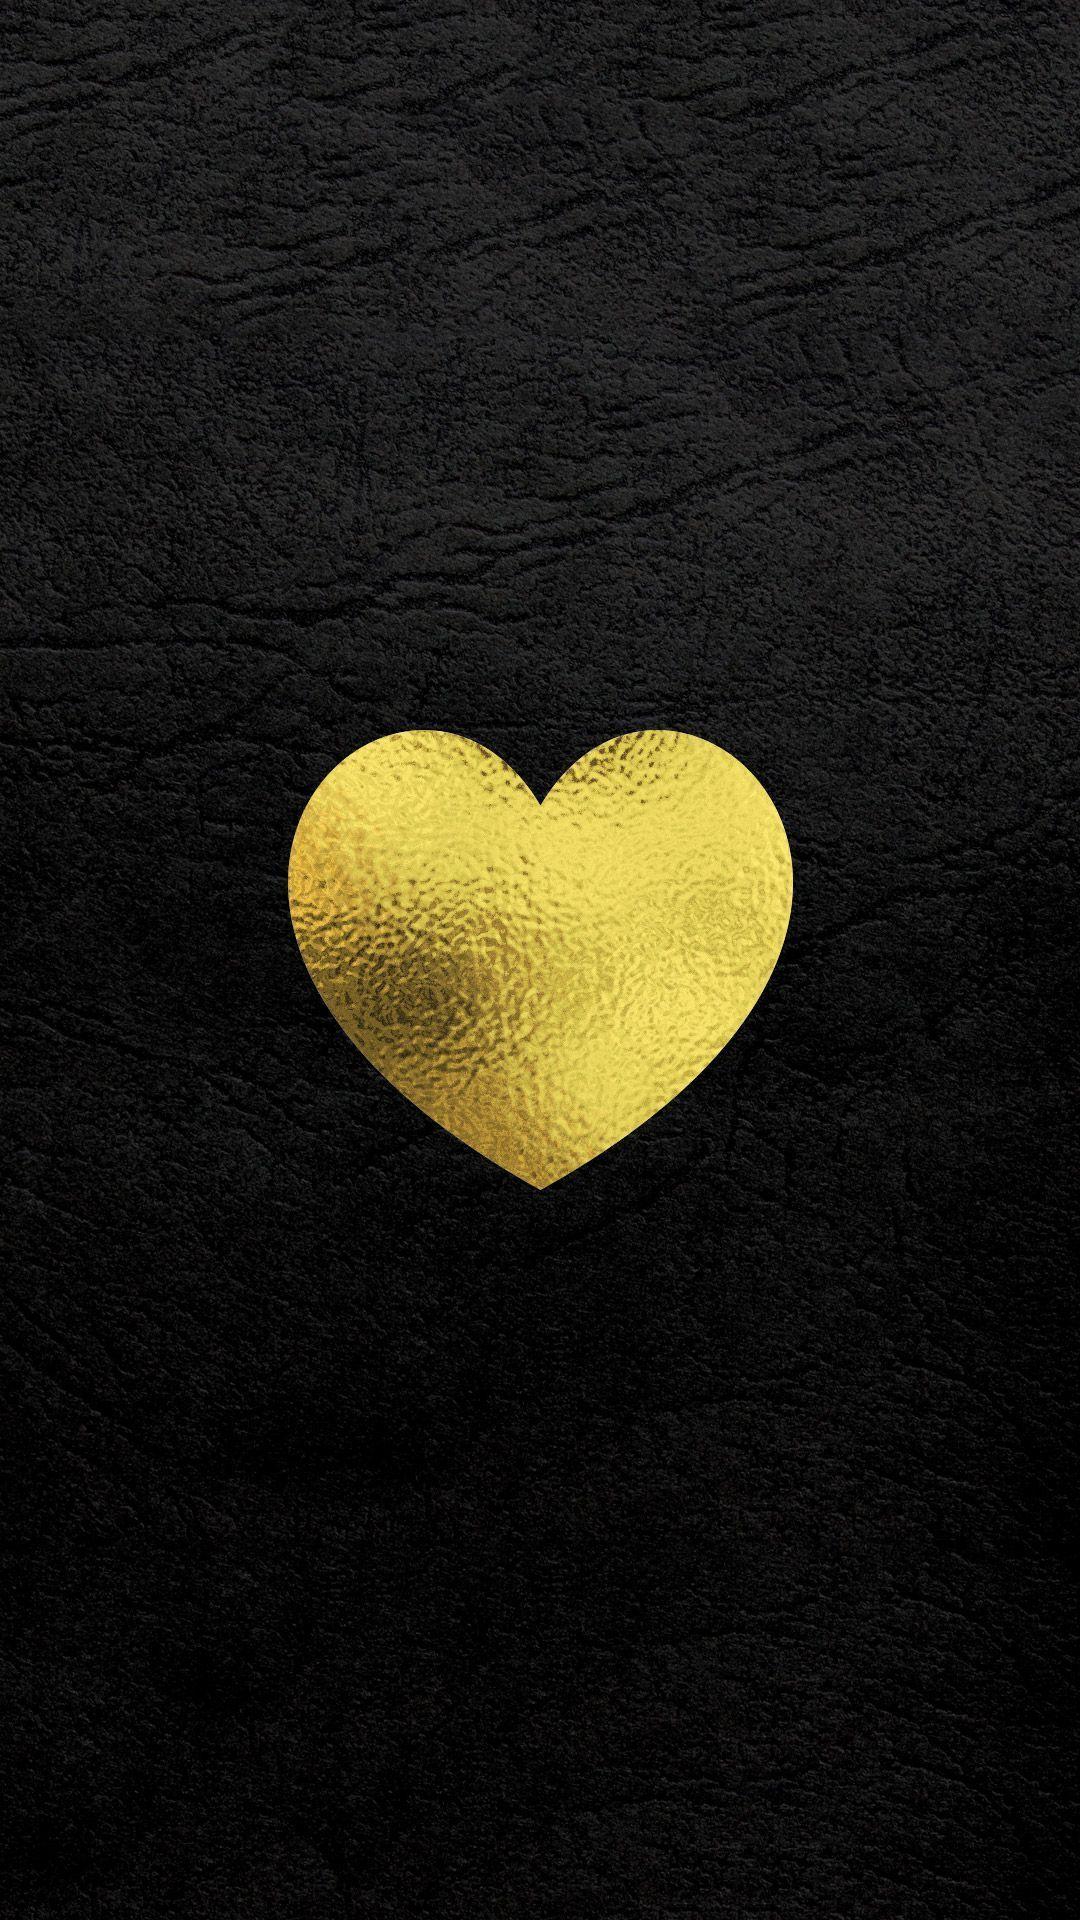 Herz Cover für Favoriten Liebe oder Familie Instagram